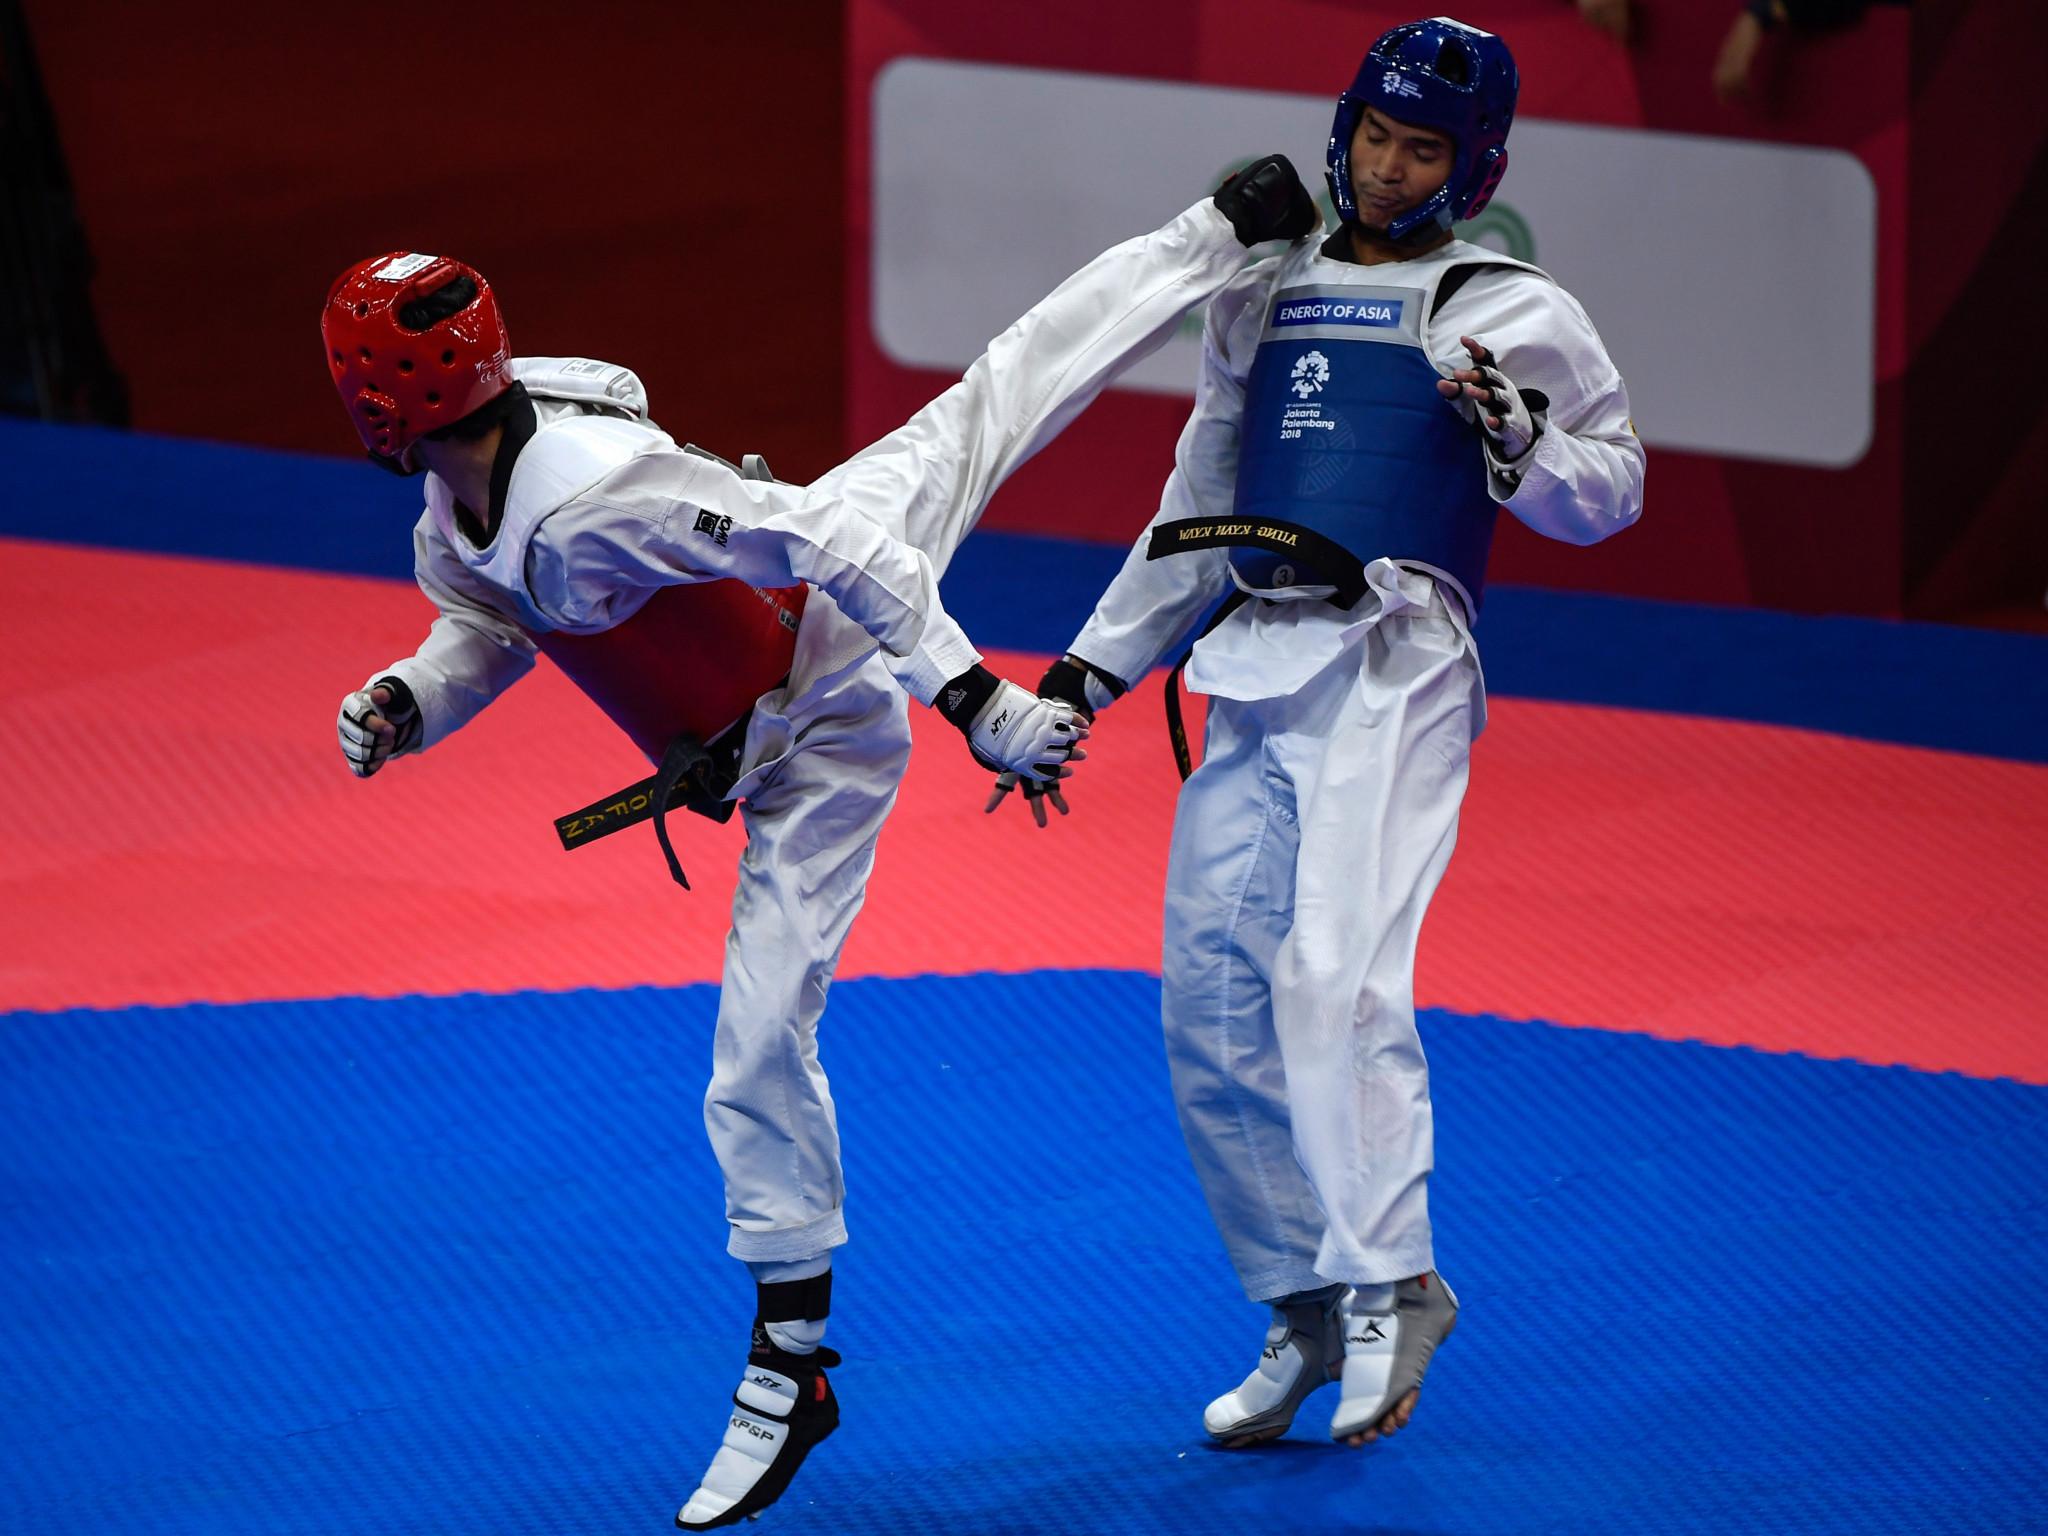 Pakistan taekwondo player Khan aims to take advantage of Tokyo 2020 postponement